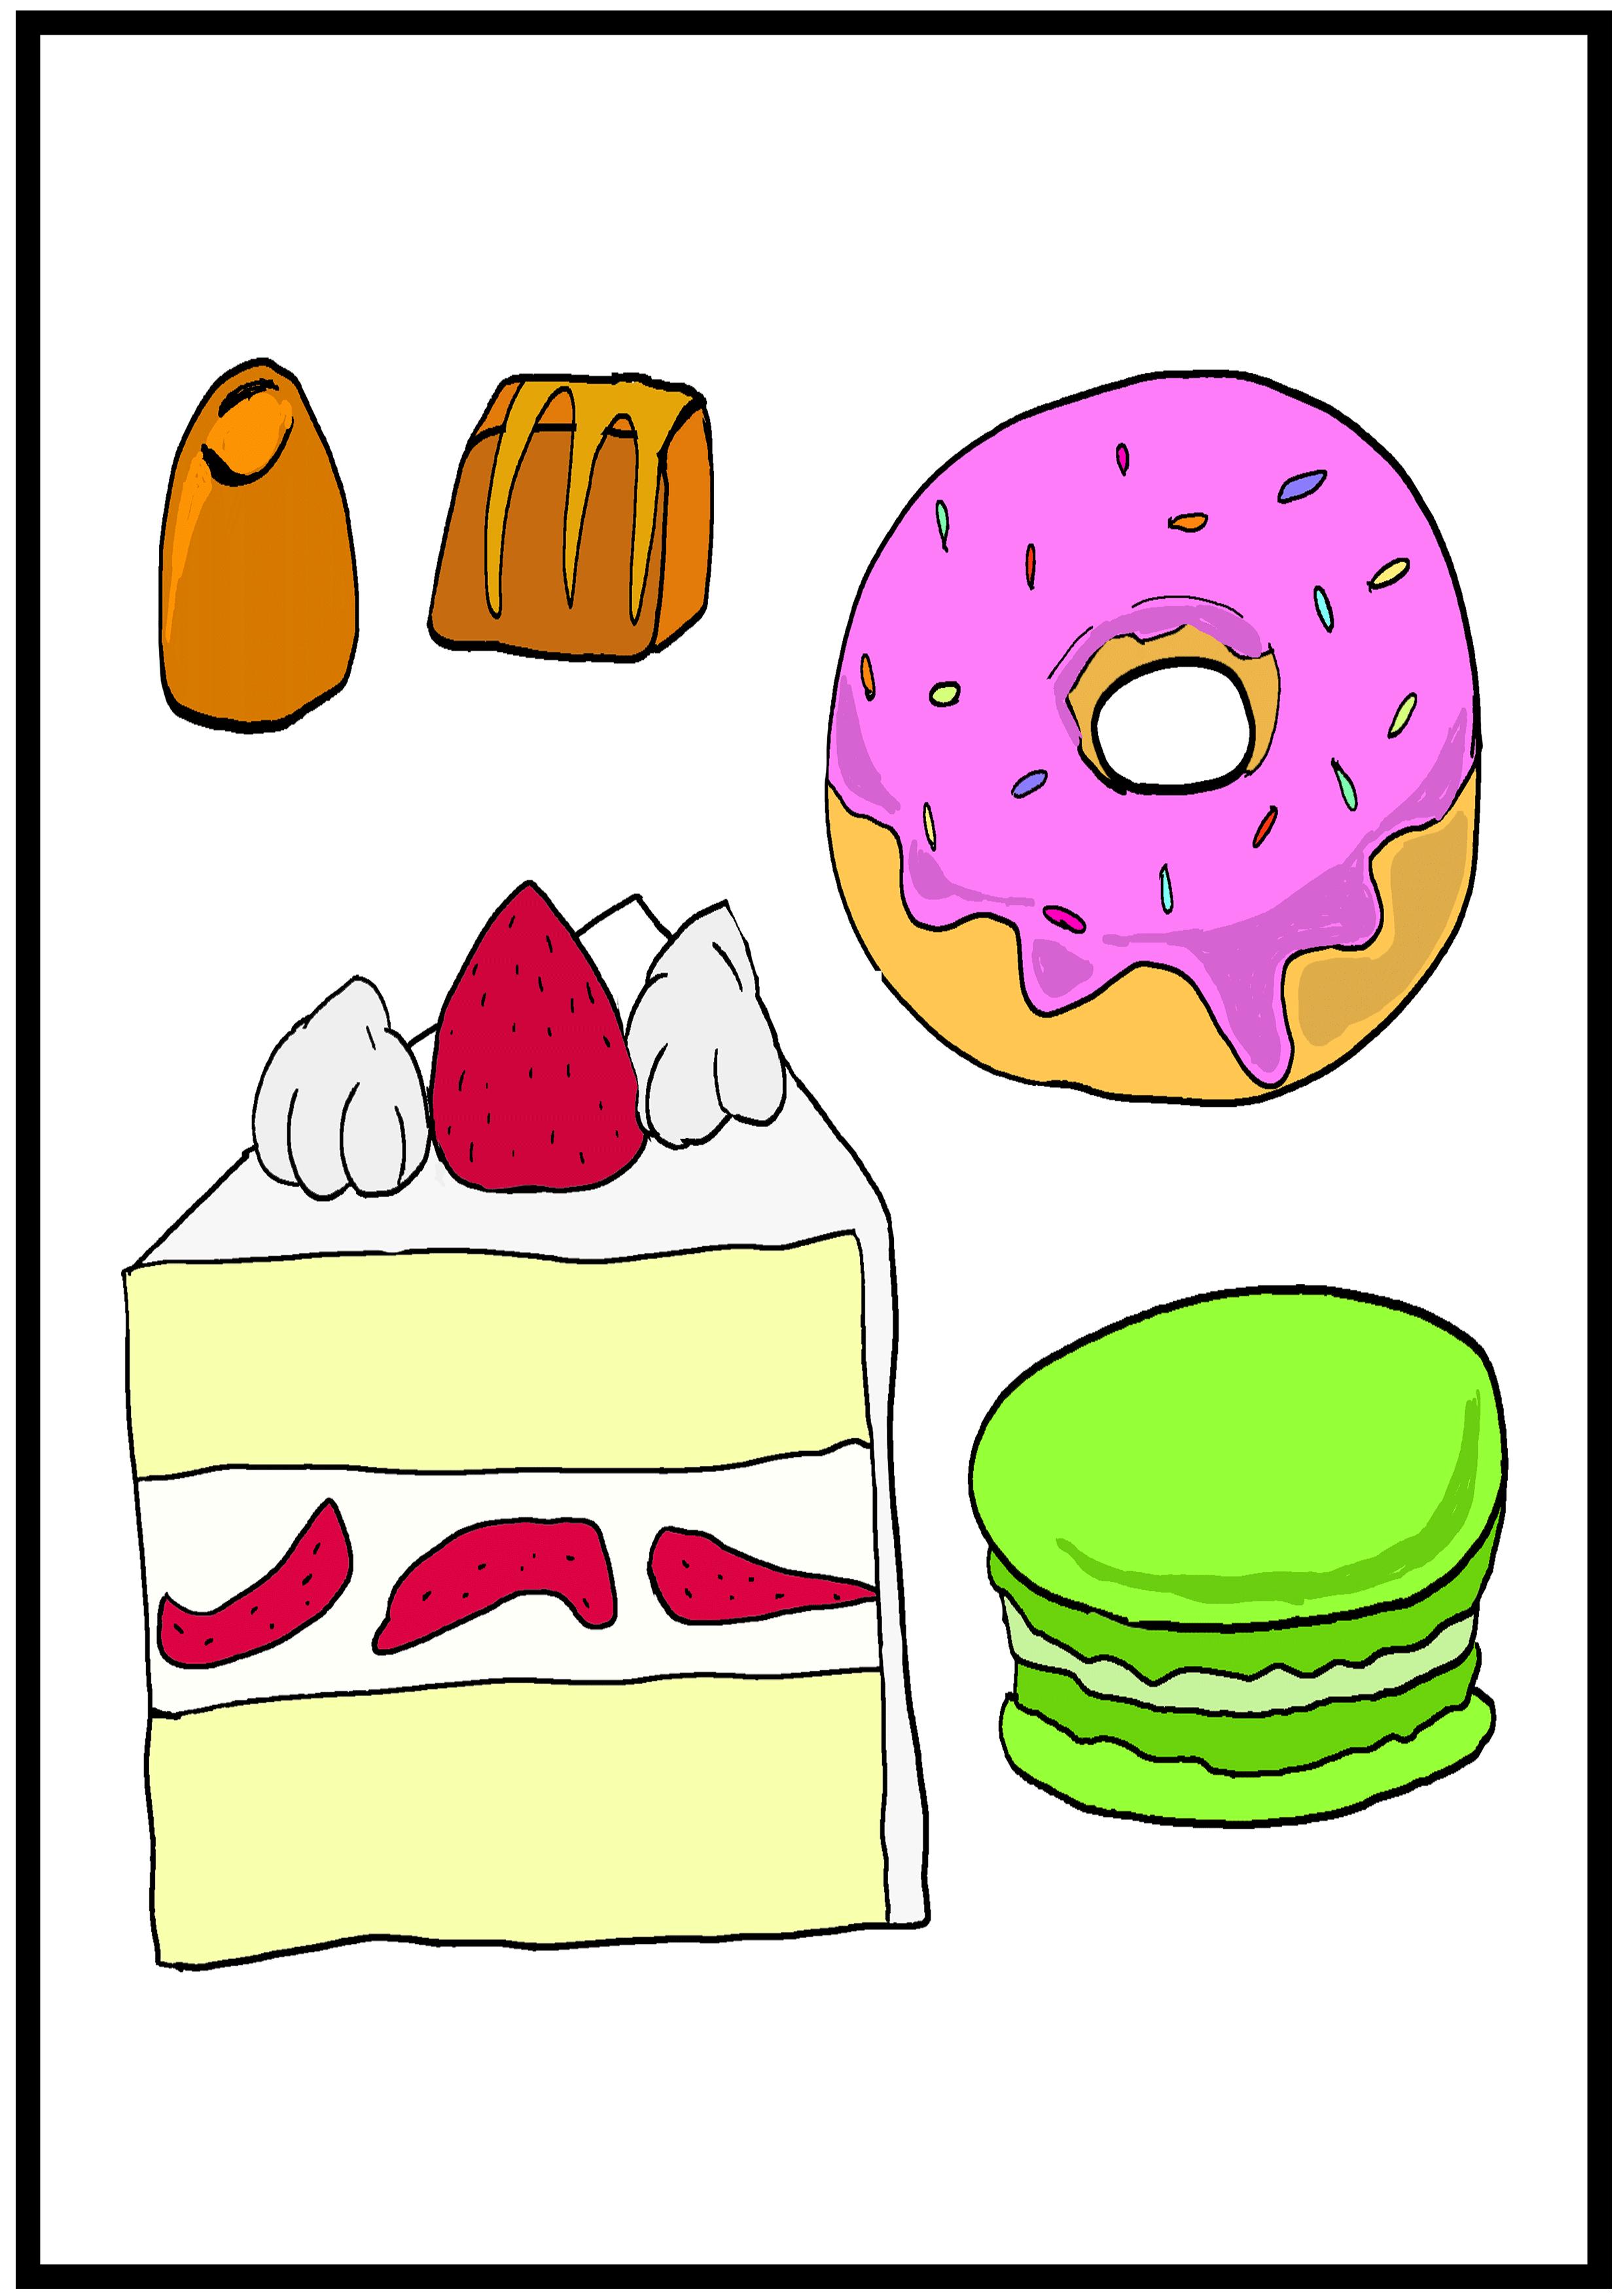 イラスト【甘い食べ物】